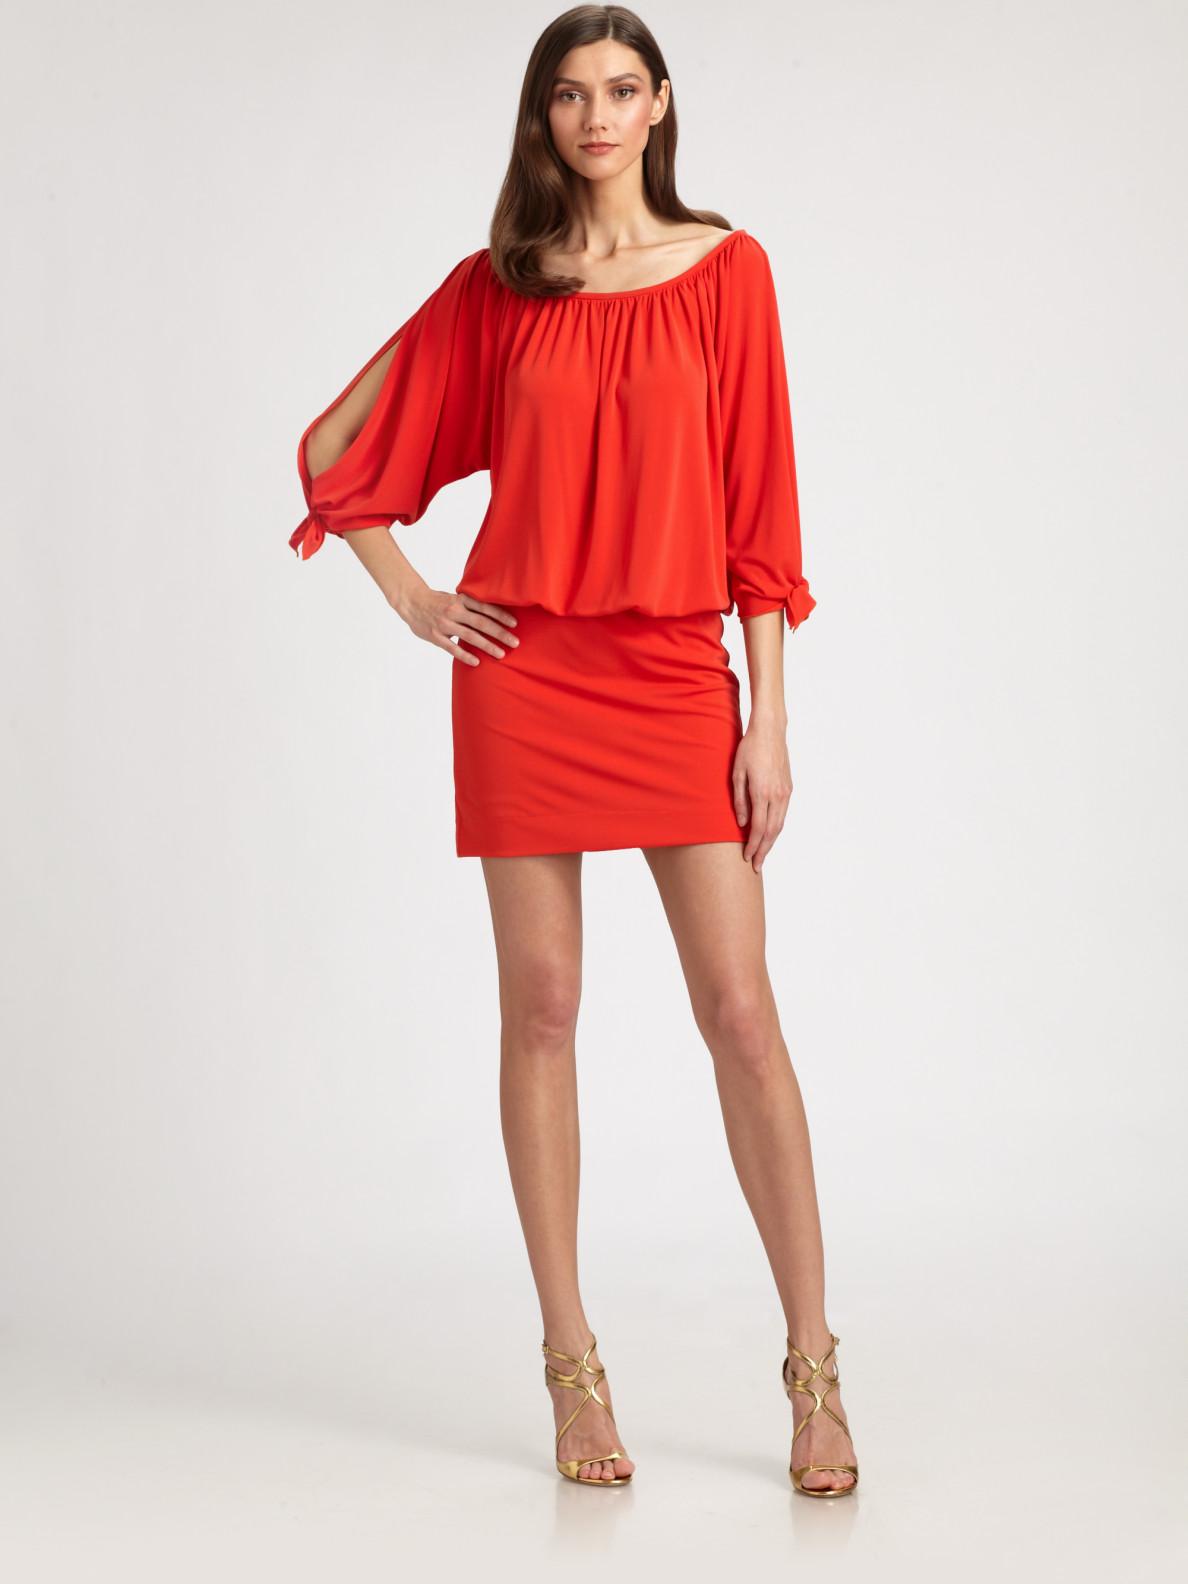 Lyst Nicole Miller Blouson Dress In Orange